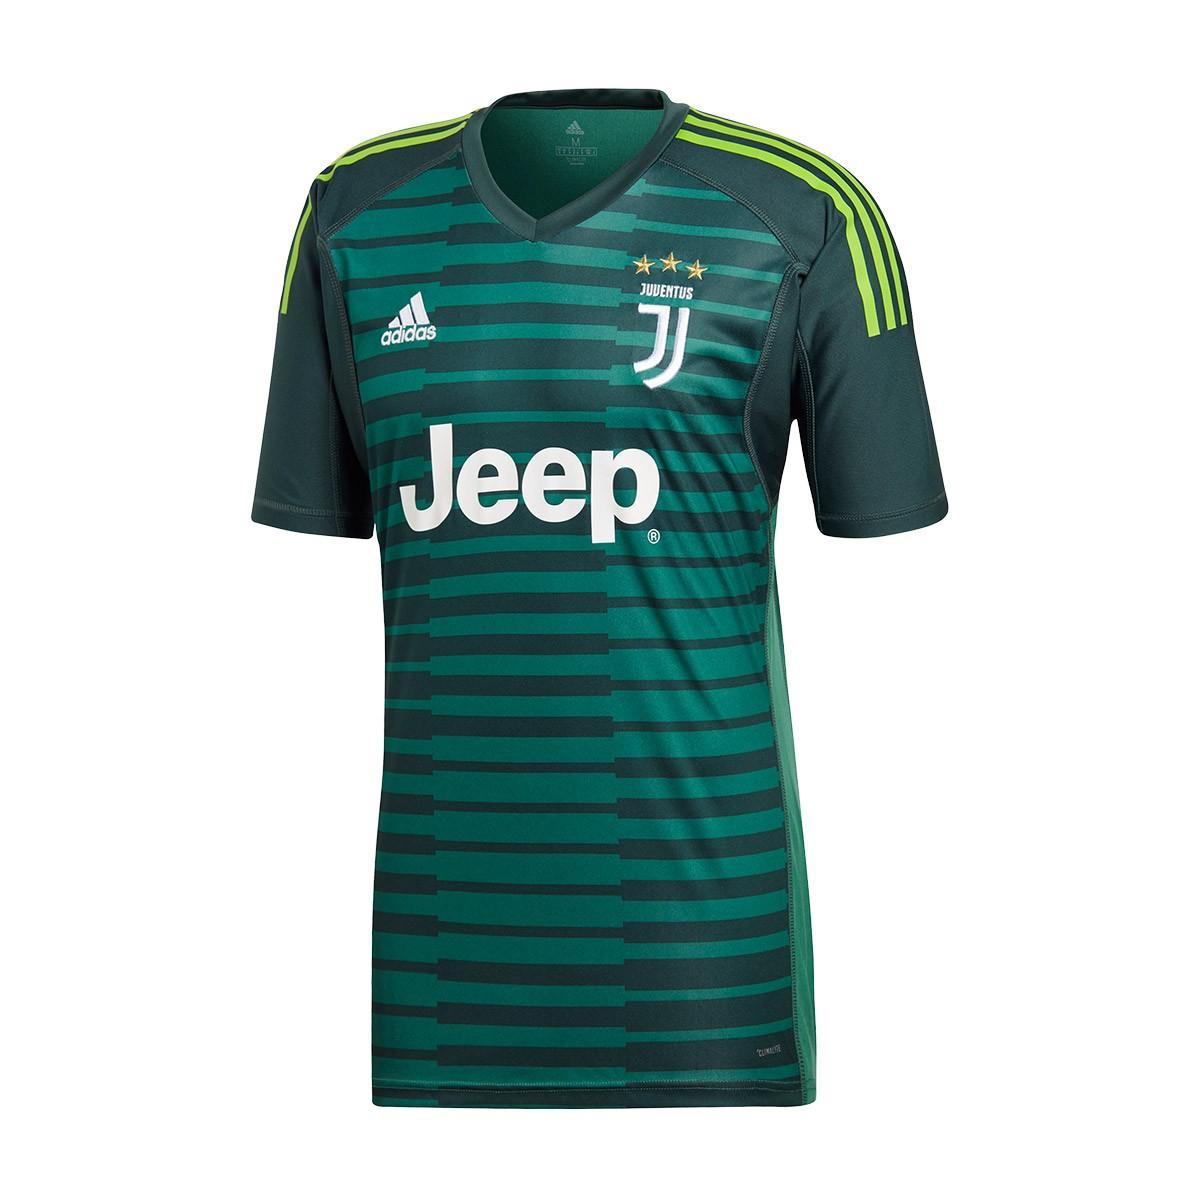 d5c3dc88b Jersey adidas Juventus 2018-2019 Goalkeeper Mineral green-Tech ...